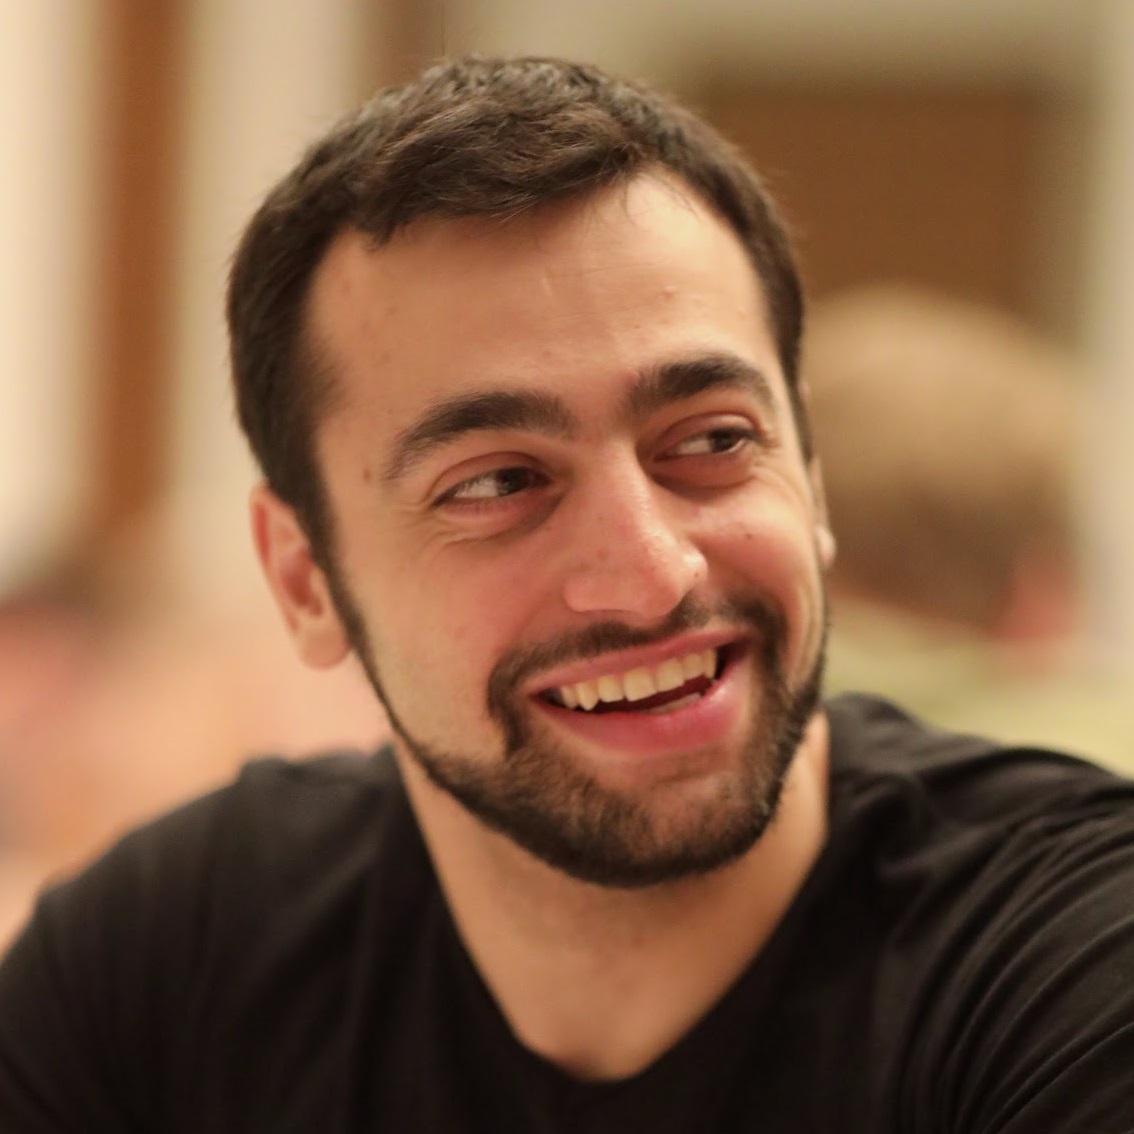 Viktor Kirilov